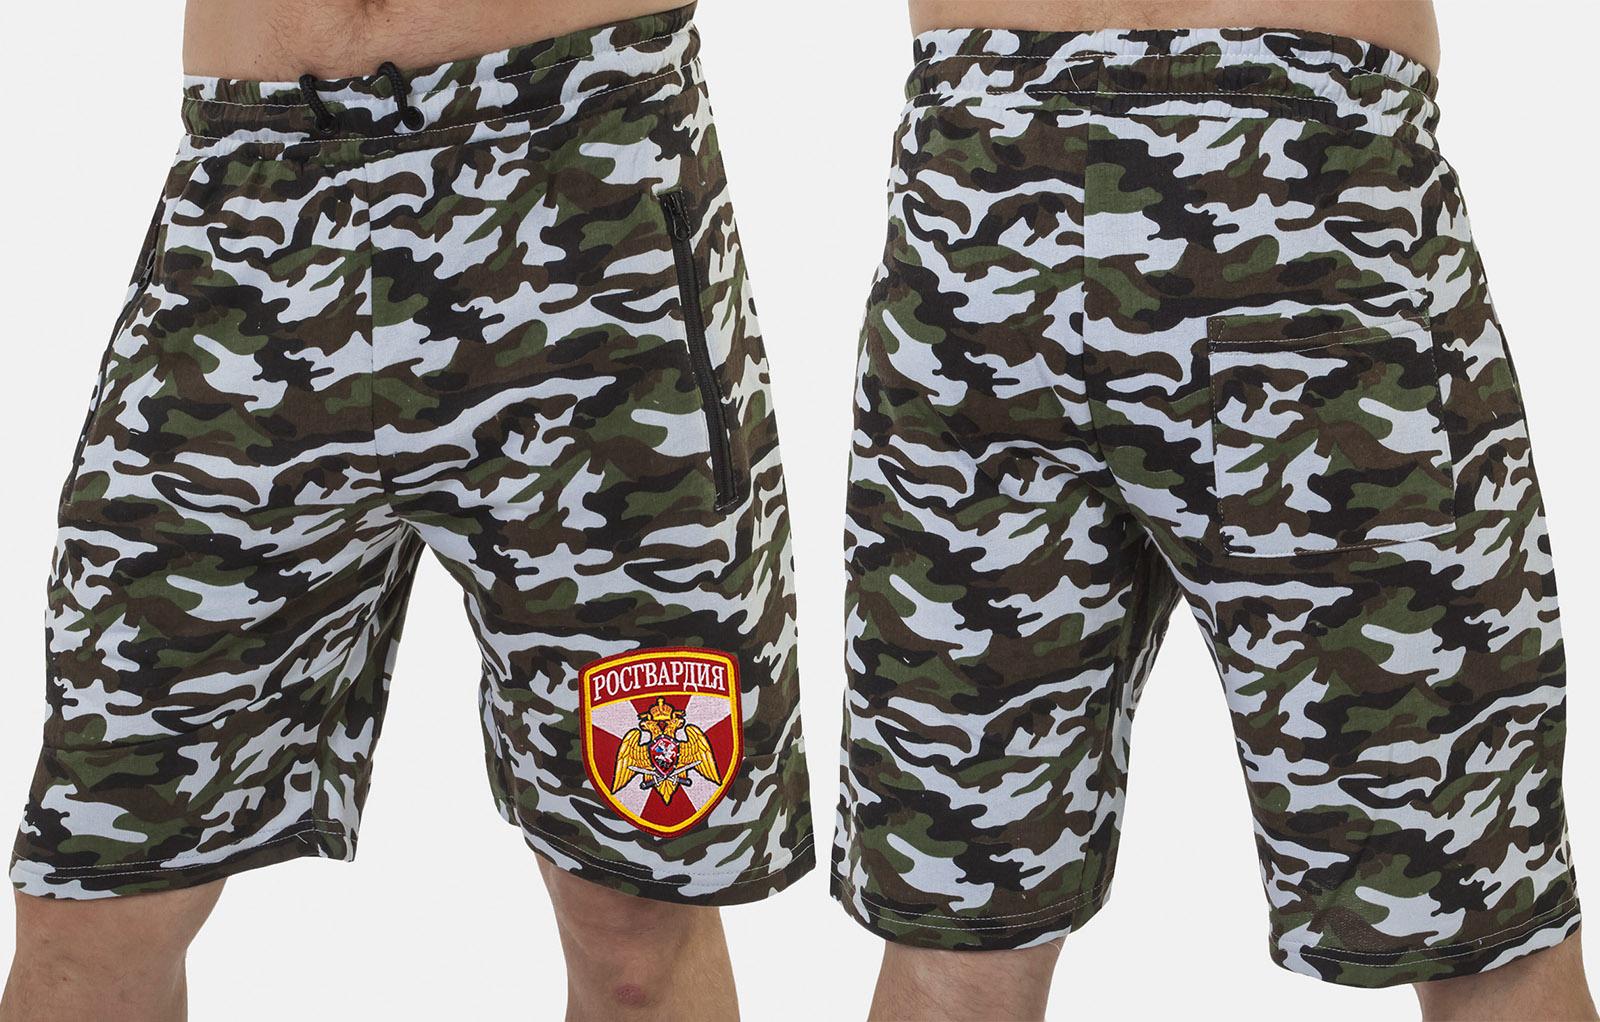 Особенные камуфляжные шорты с нашивкой Росгвардия - купить вы розницу